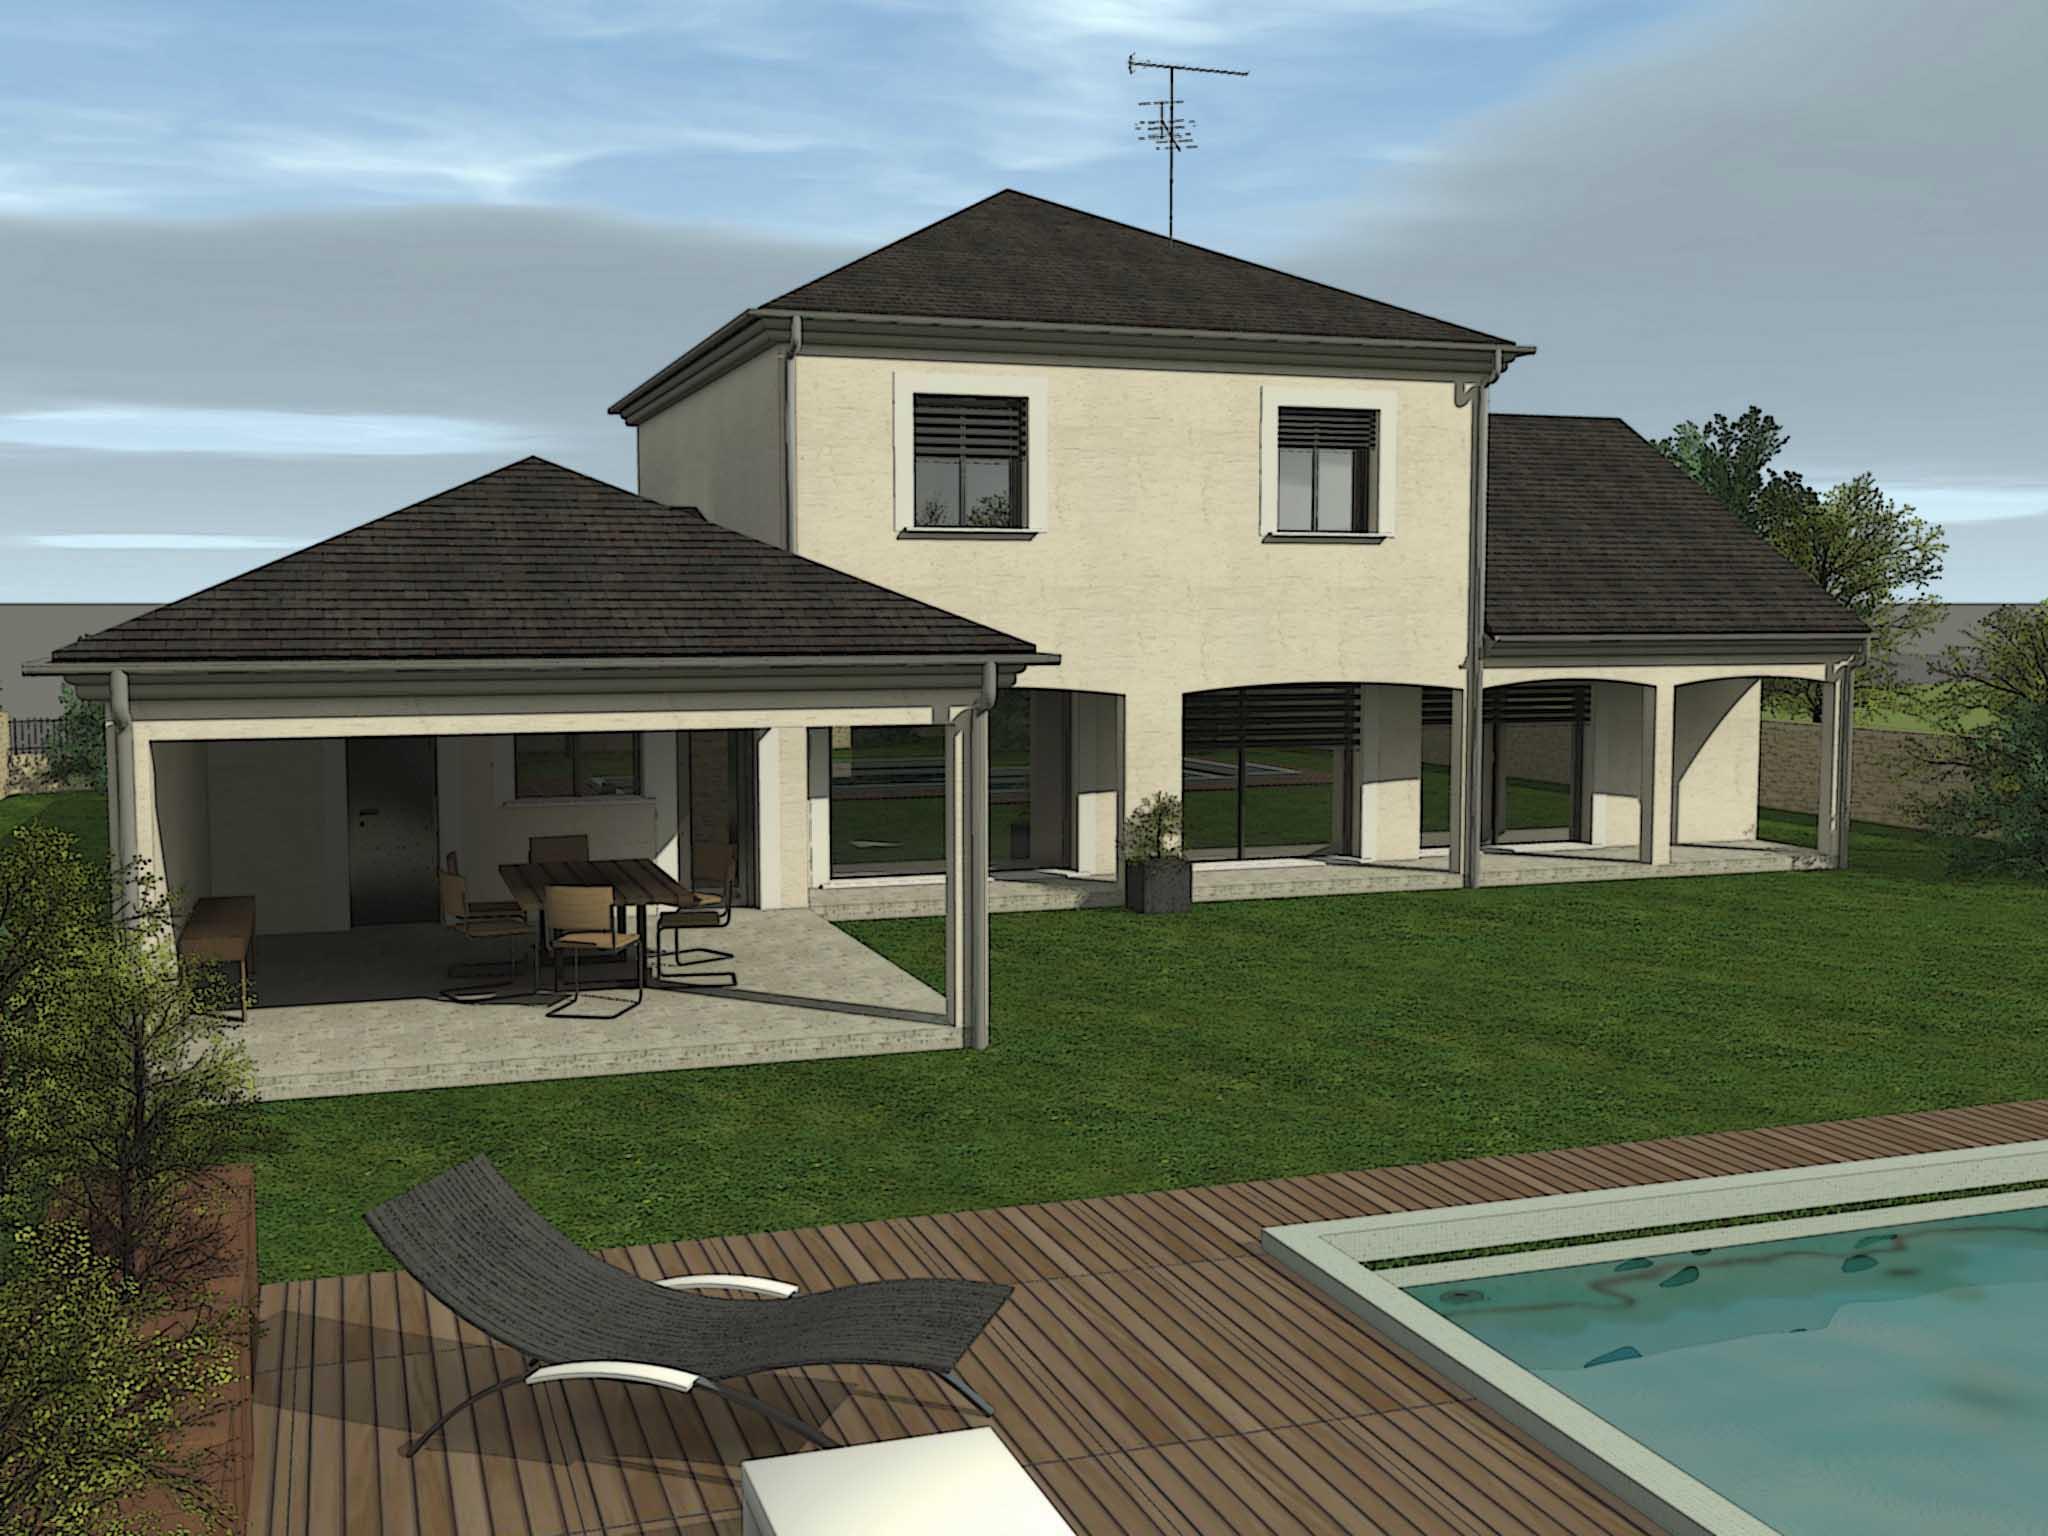 Maisons 2b3d constructeurs de france for Constructeur bourges